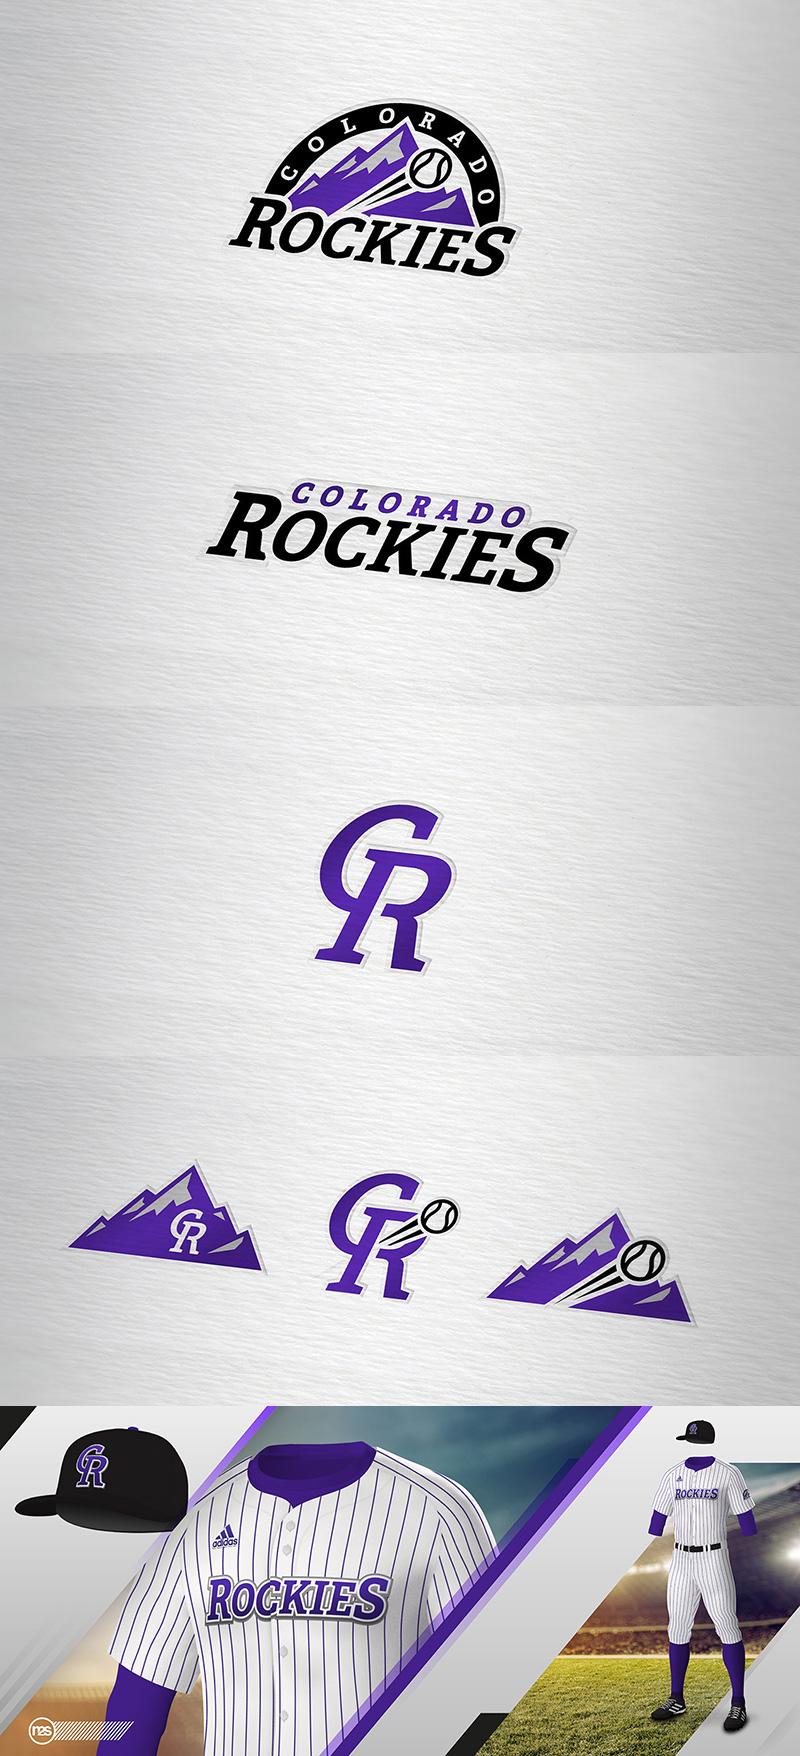 Colorado Rockies (Concept) by Manuel Dos Santos